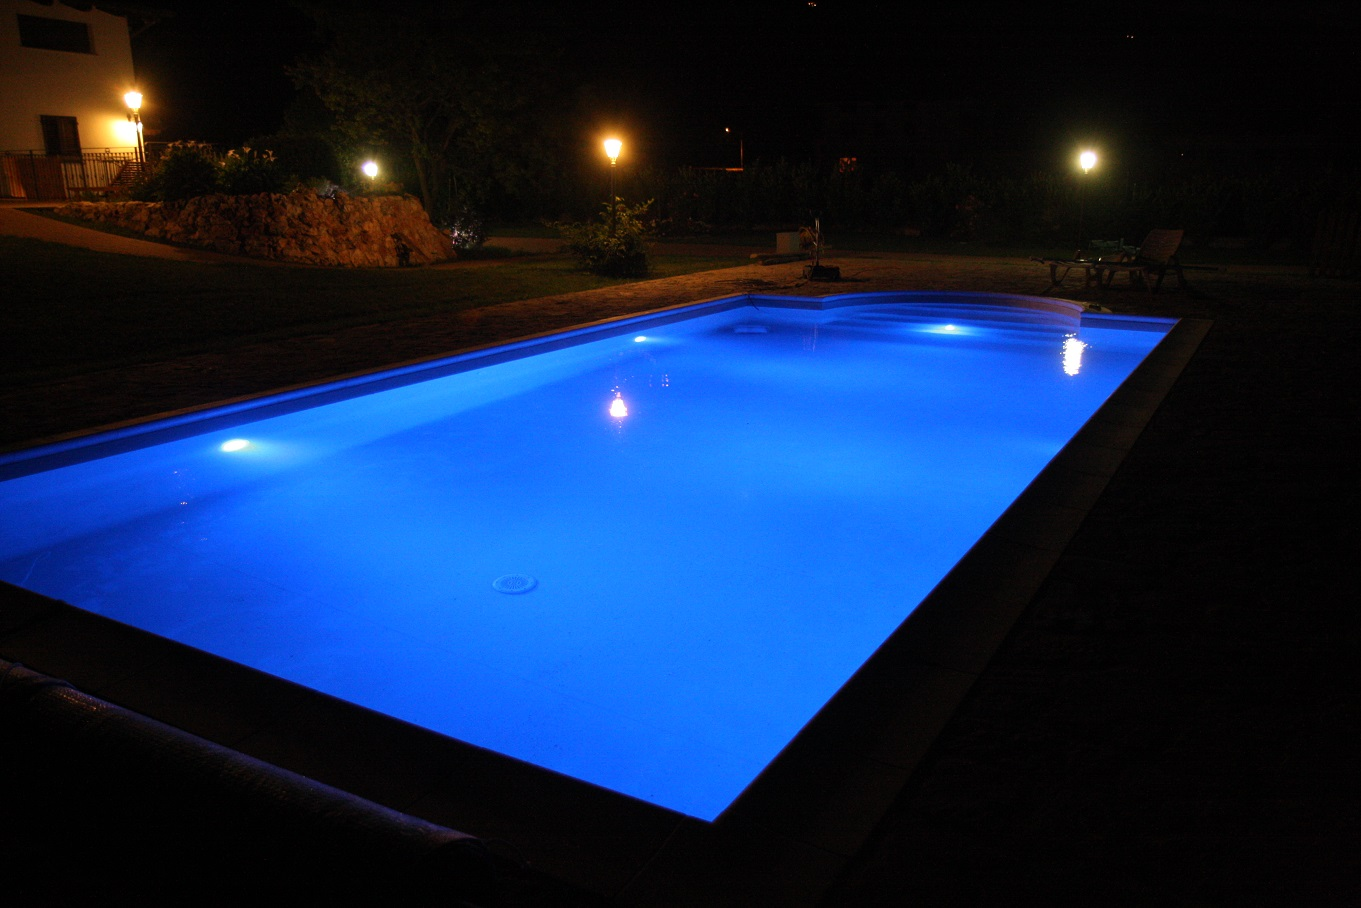 piscina con rivestimento in PVC armato colore sabbia, illuminazione a led RGB